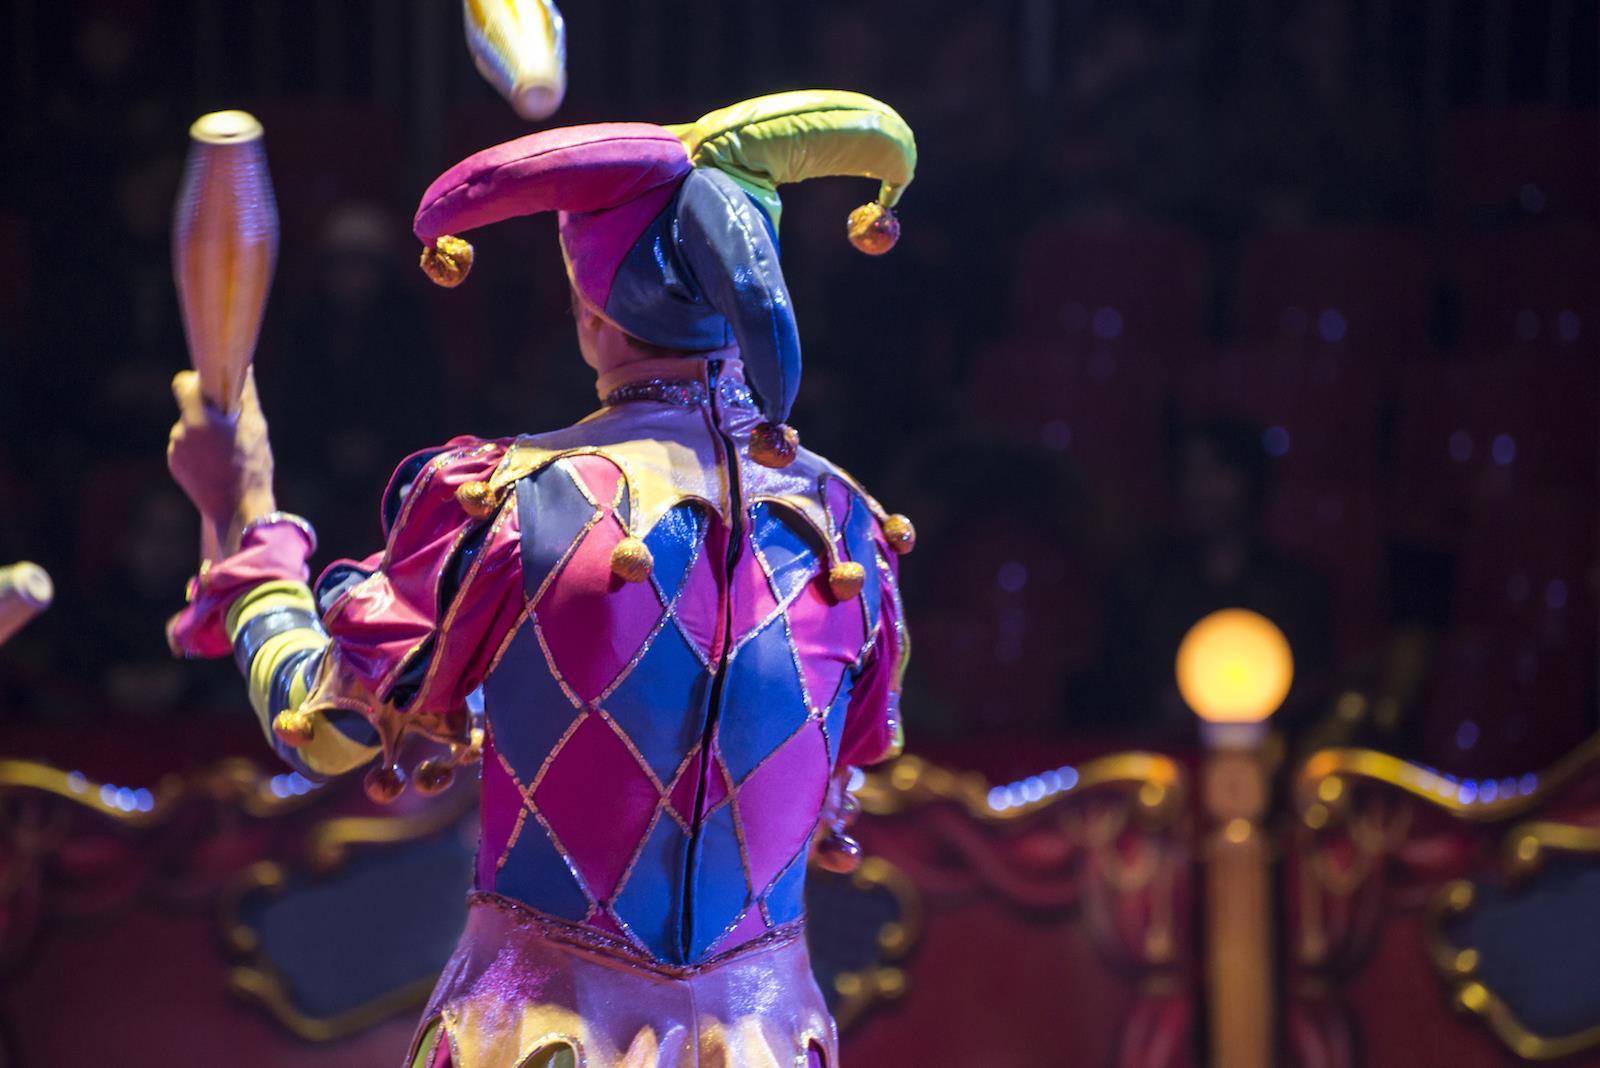 """""""Die ganze Welt ist ein Zirkus!"""" – Im Gespräch mit dem Zirkusdirektor und Clown Bernhard Paul"""